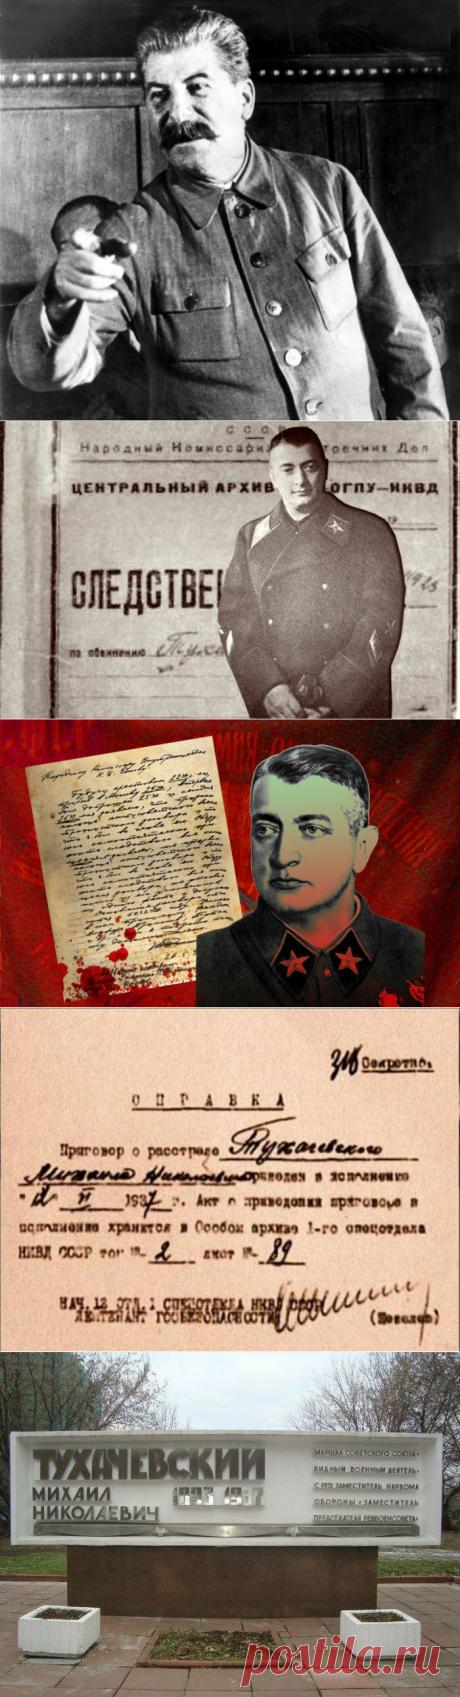 Большая тайна прошлого века: трагедия Красного маршала (часть 2) | Знаете ли вы, что... | Яндекс Дзен